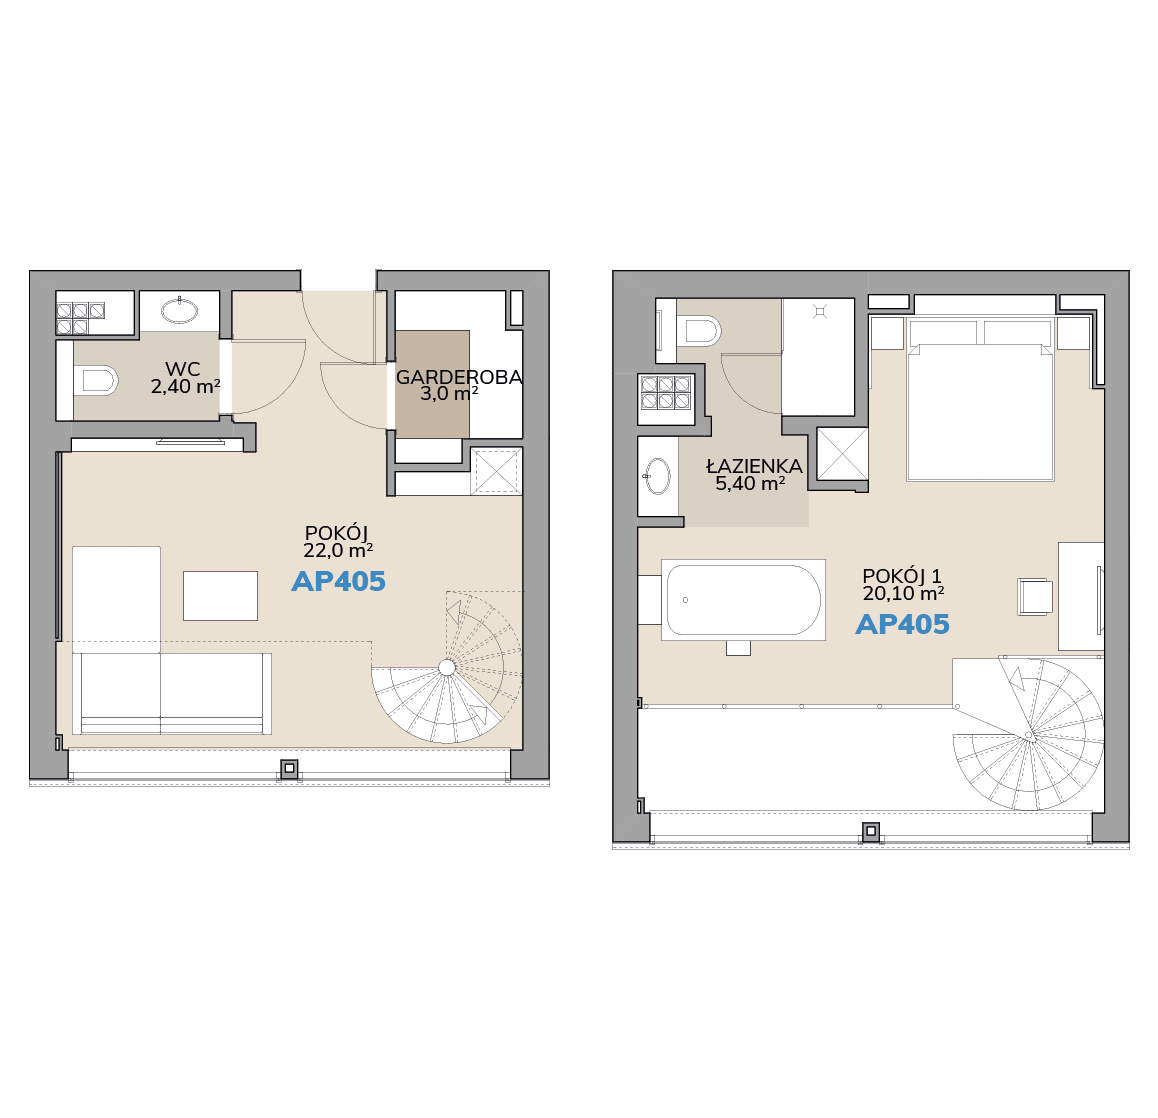 Apartament AP405